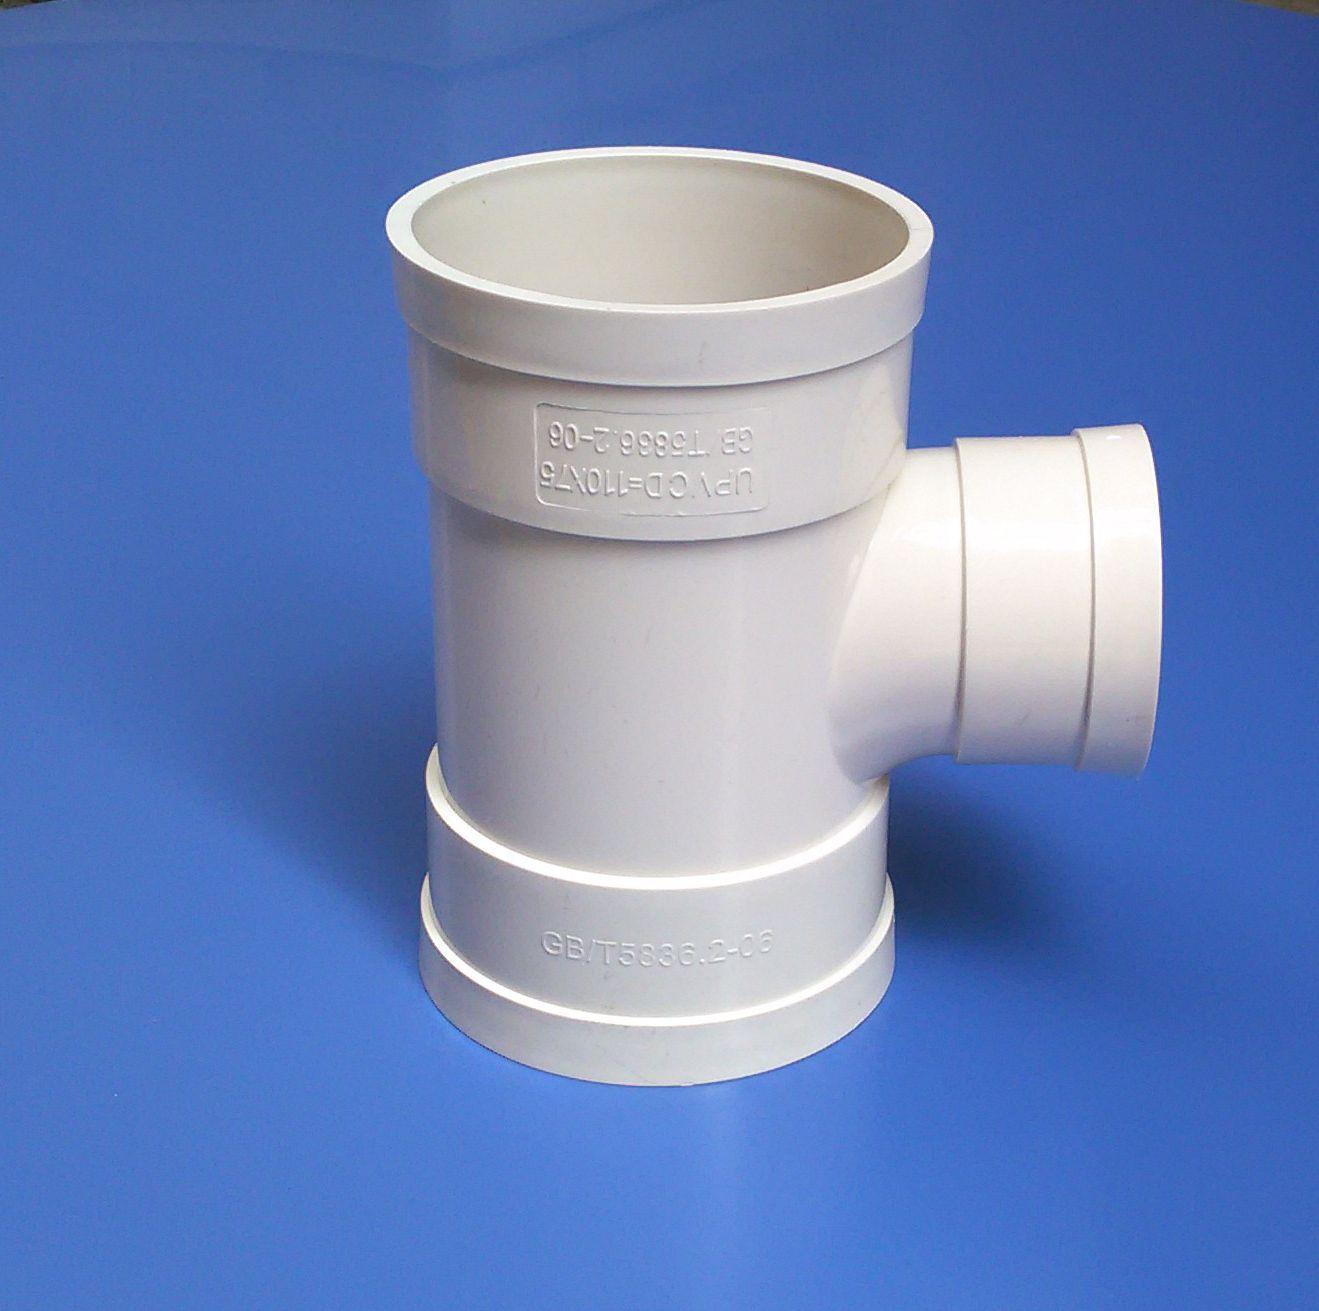 排水管件 pvc排水管件 PVC排水管件 方型雨水斗 落水斗 阿里巴巴